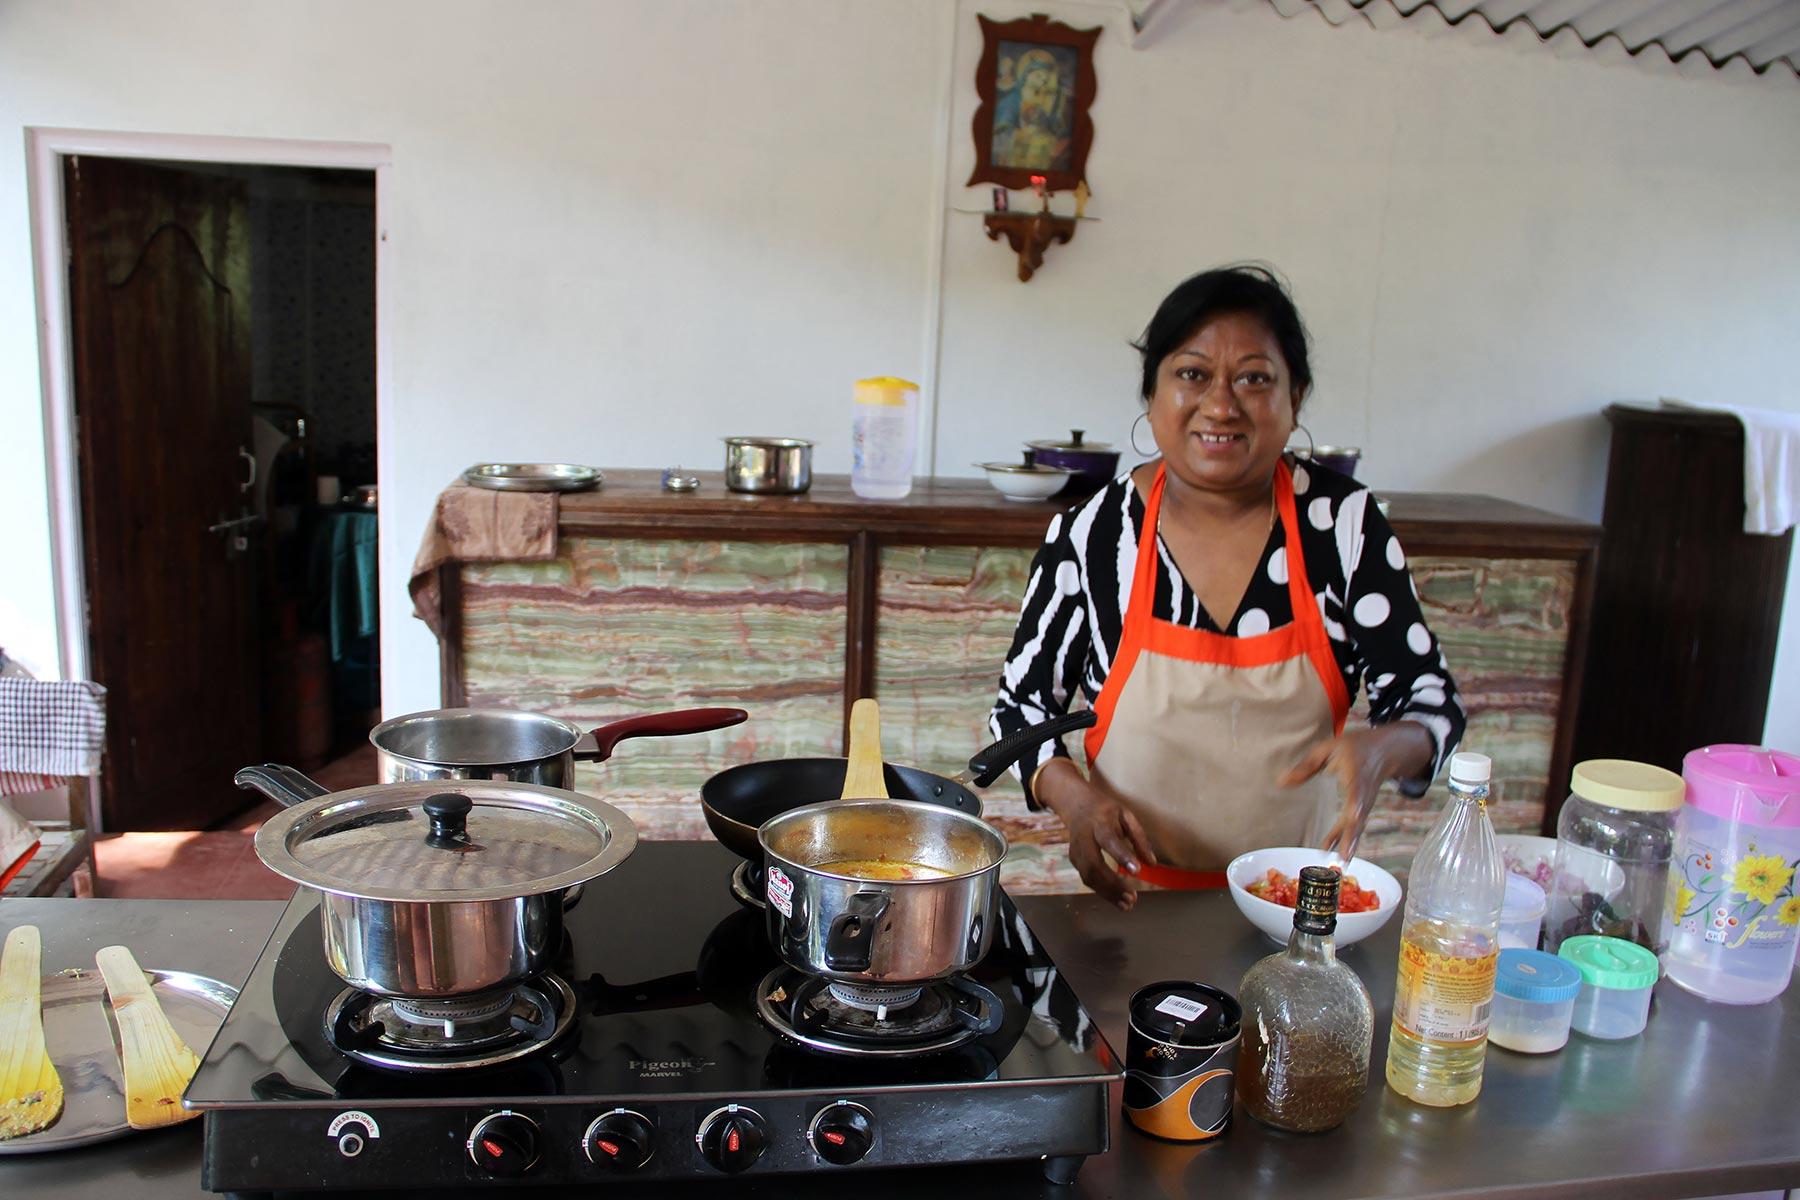 Goalla voi lomalla opetella kokkamaan herkullista intialaista ruokaa. @ Pia Heikkilä